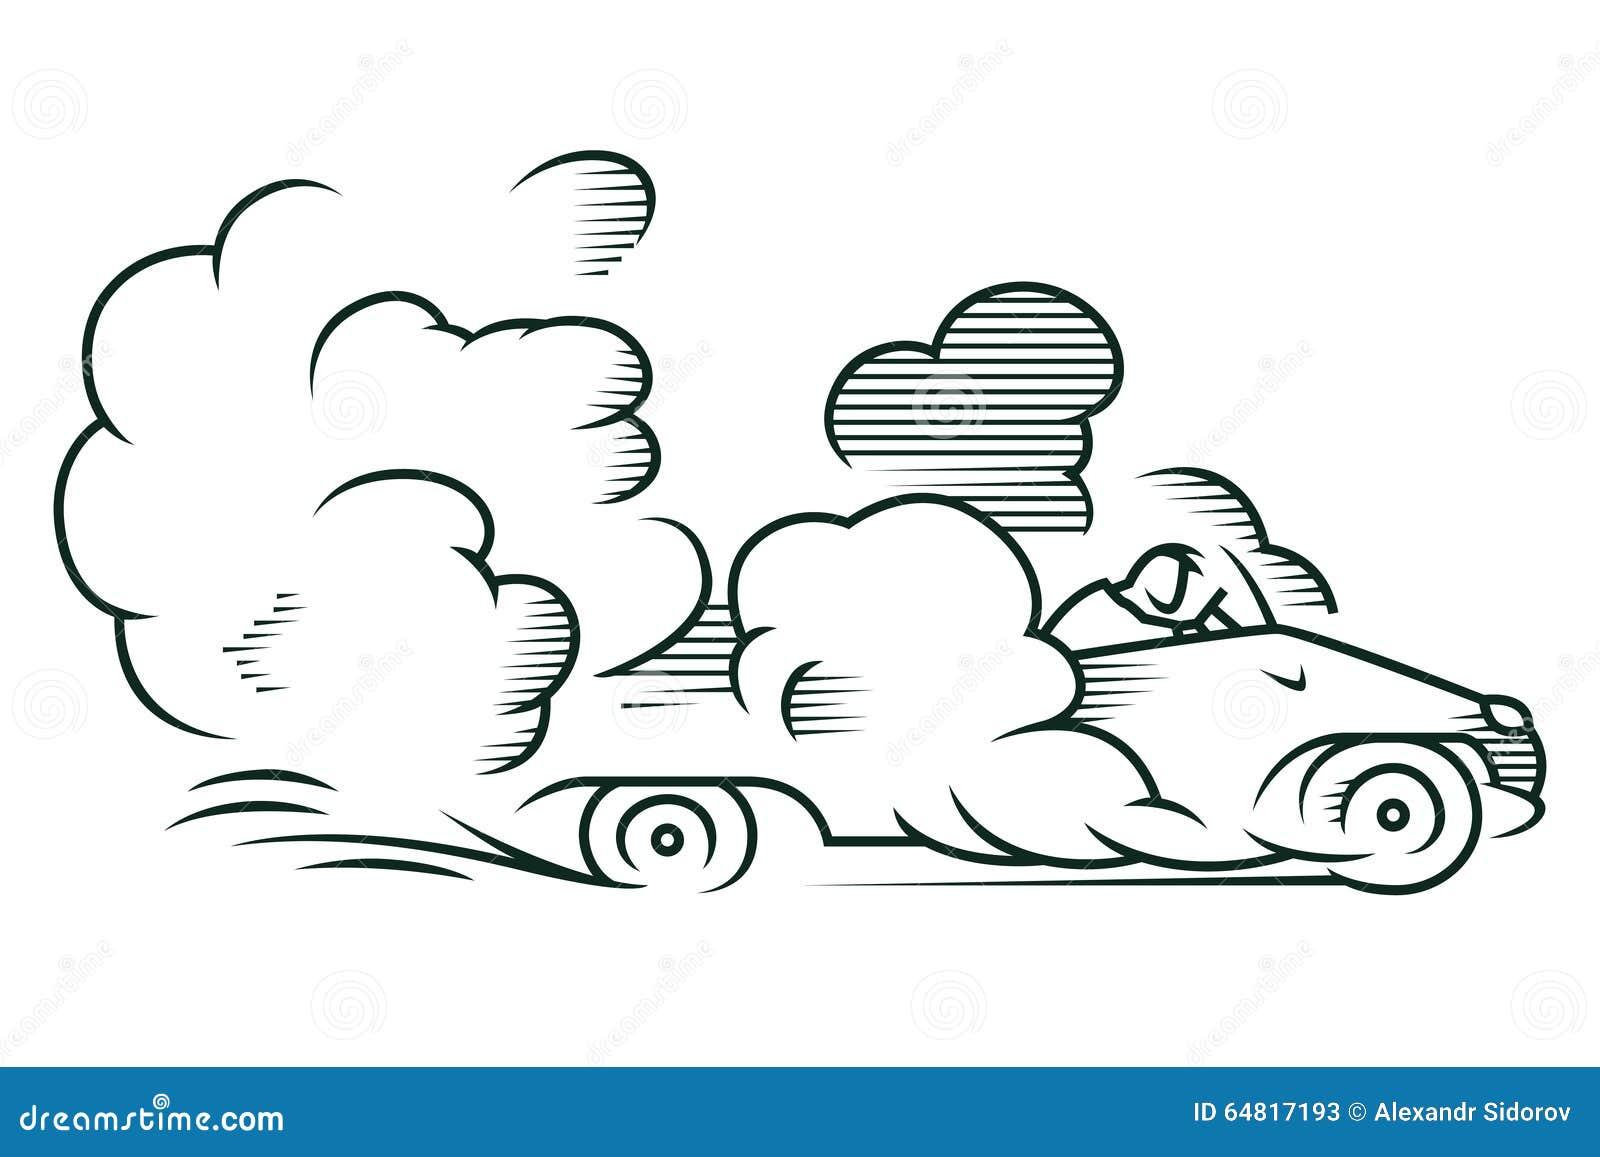 πορτοκαλί απόθεμα απεικόνισης ανασκόπησης φωτεινό Αυτοκίνητο που οδηγά γρήγορα σε ένα σύννεφο της σκόνης